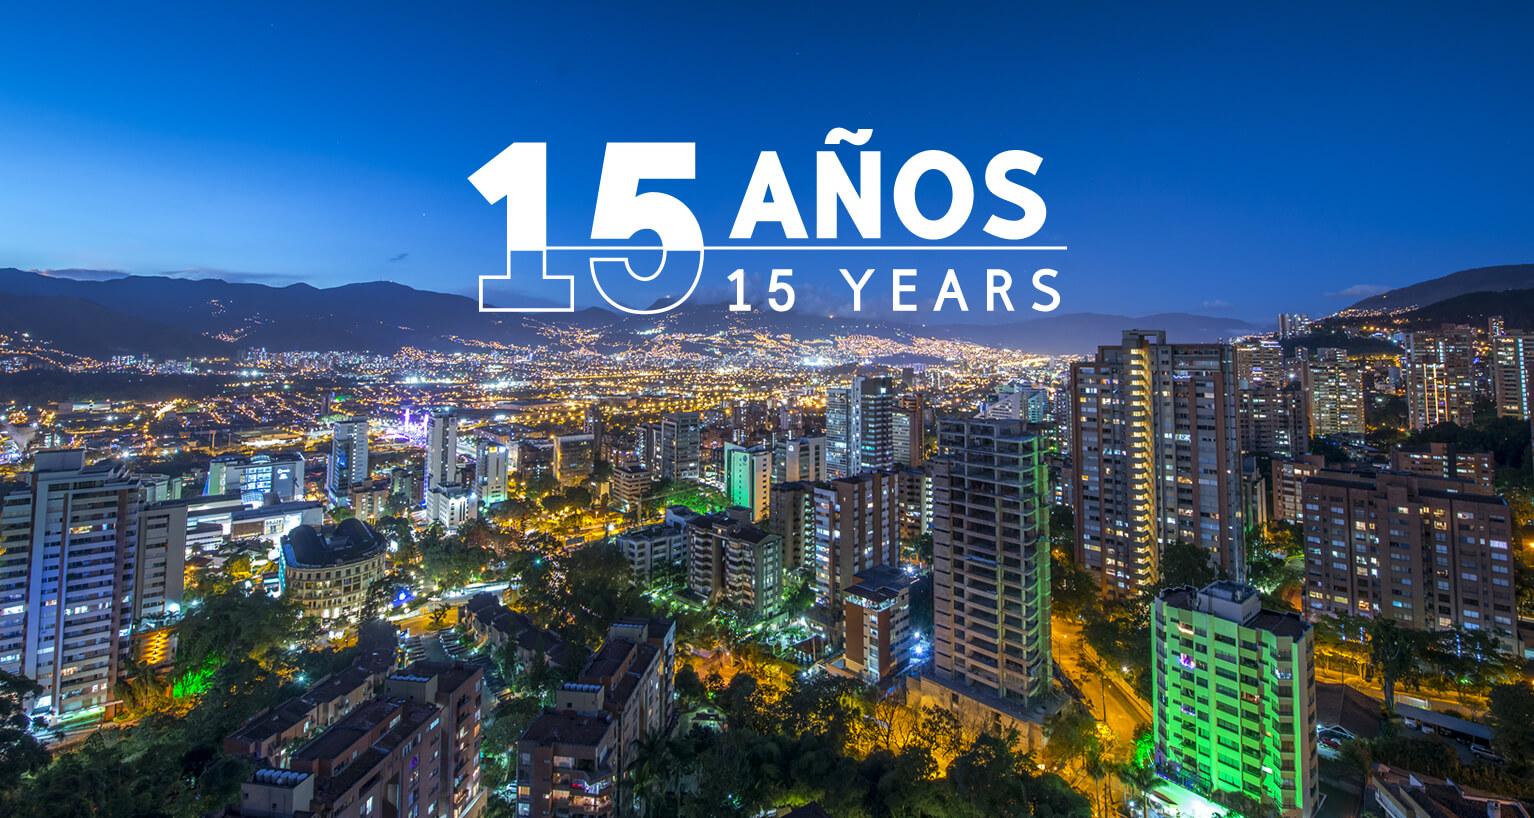 15 años de gestión ACI Medellín